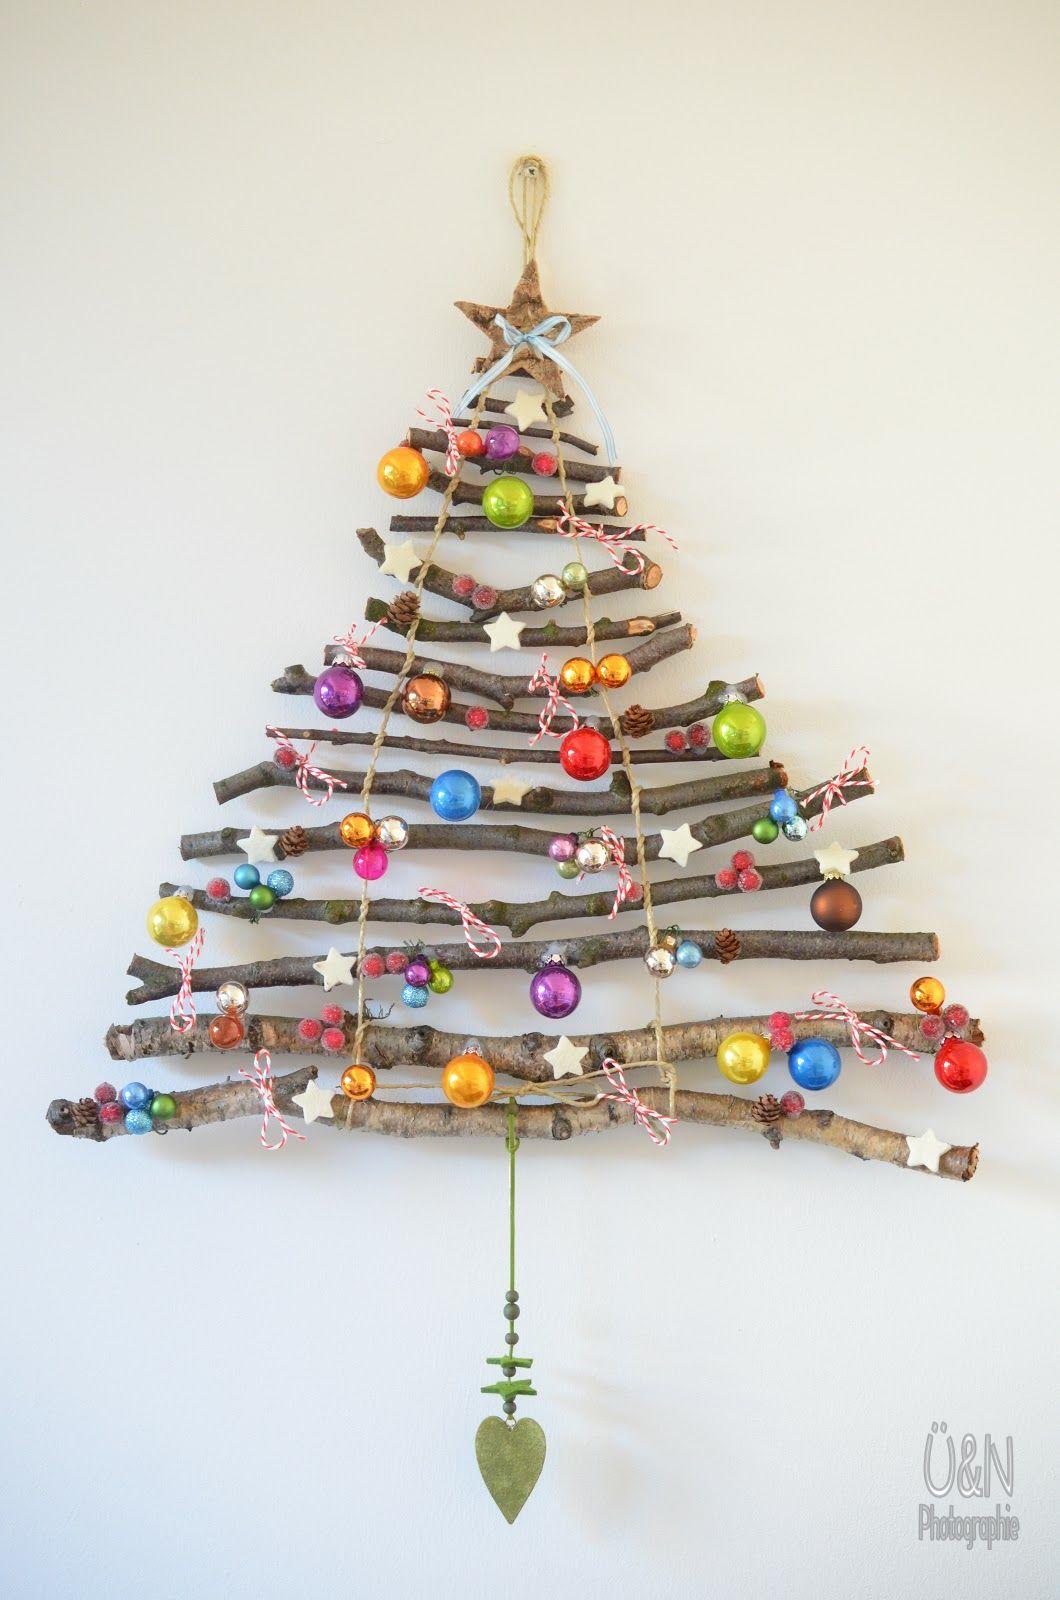 Am weihnachtsbaume da hangt ne pflaume wer hat